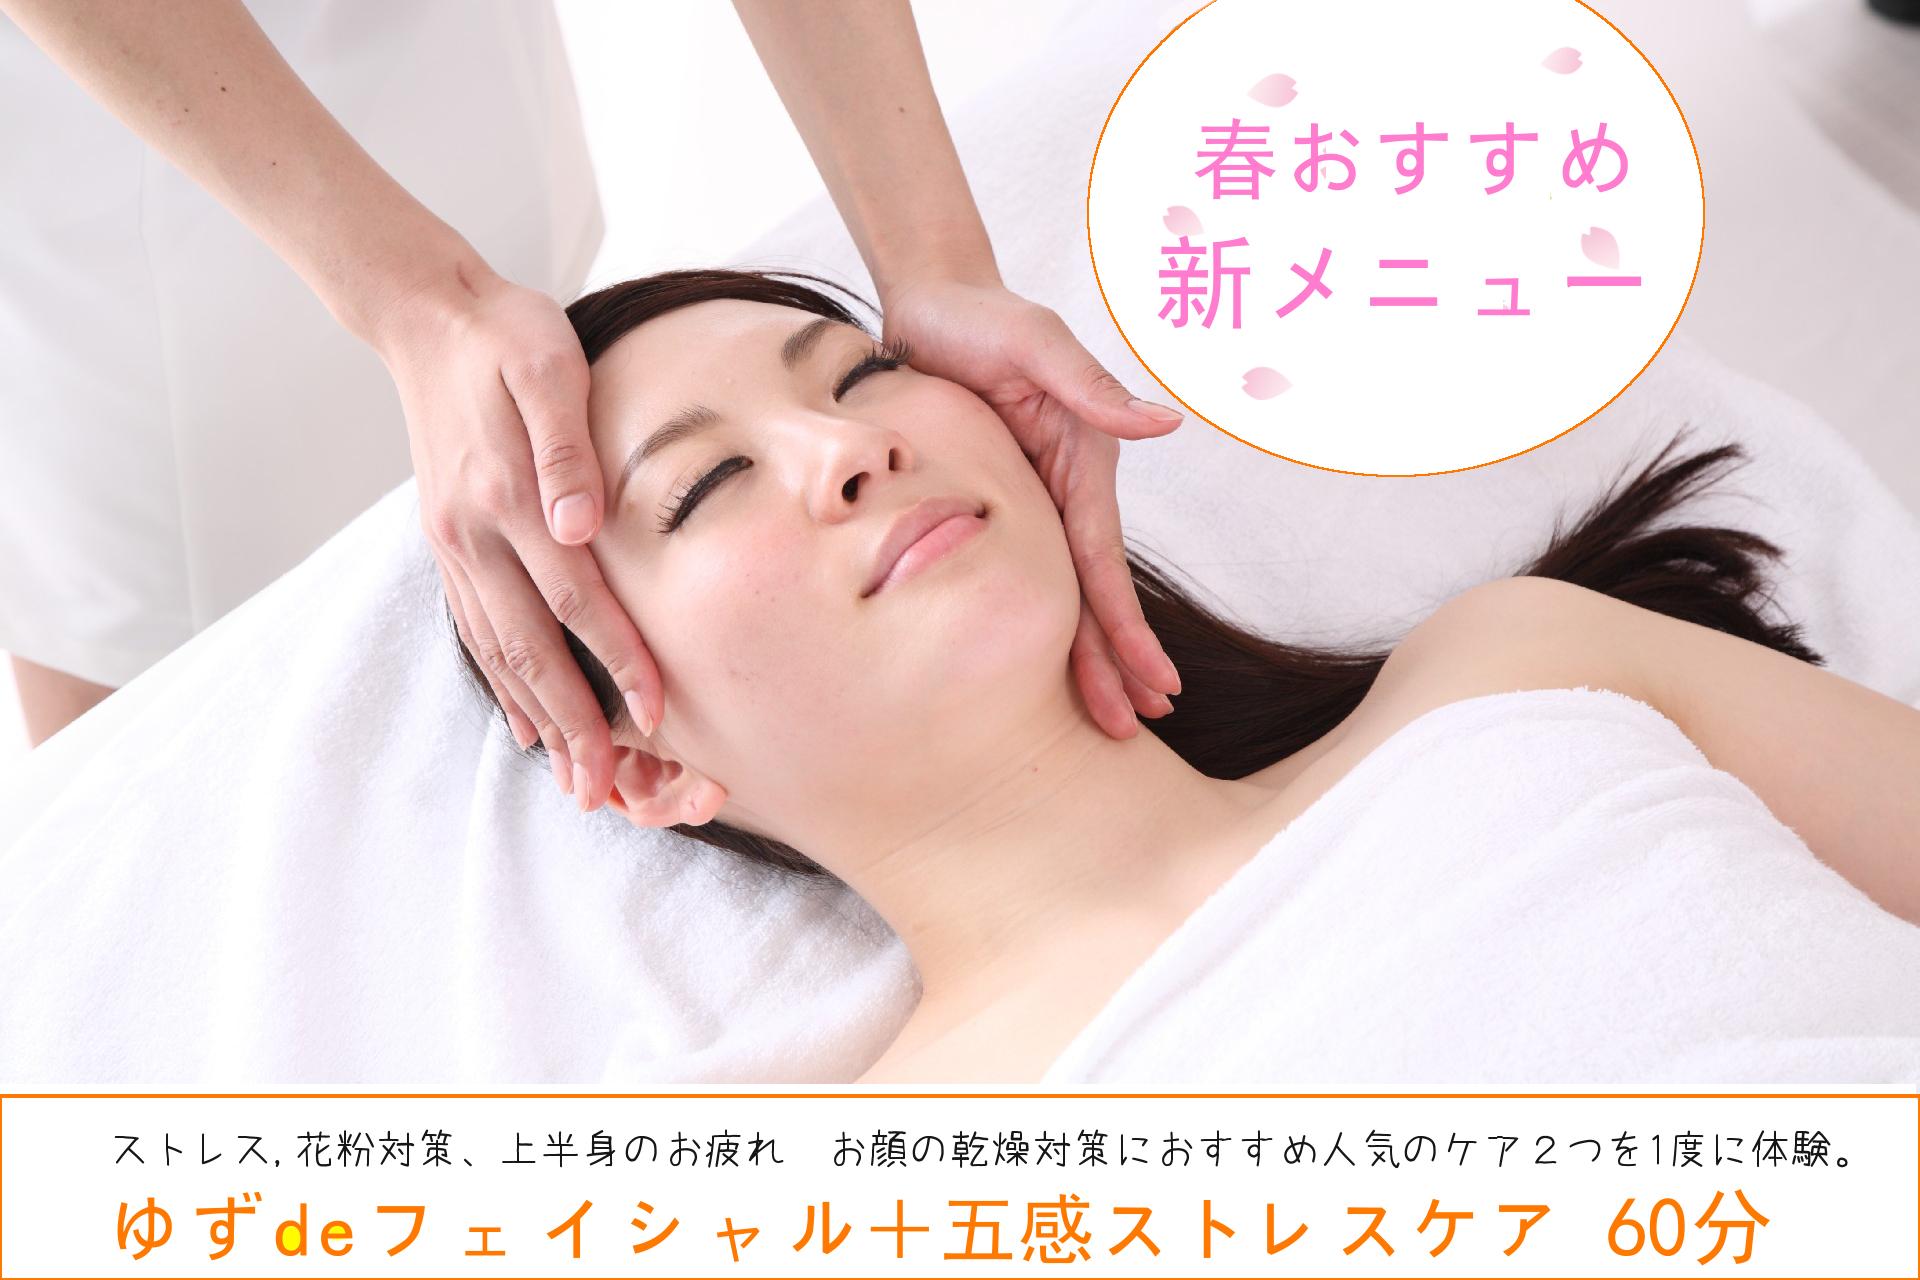 実生ゆず de フェイシャル+五感ストレスケア 60分 6000円+(税)